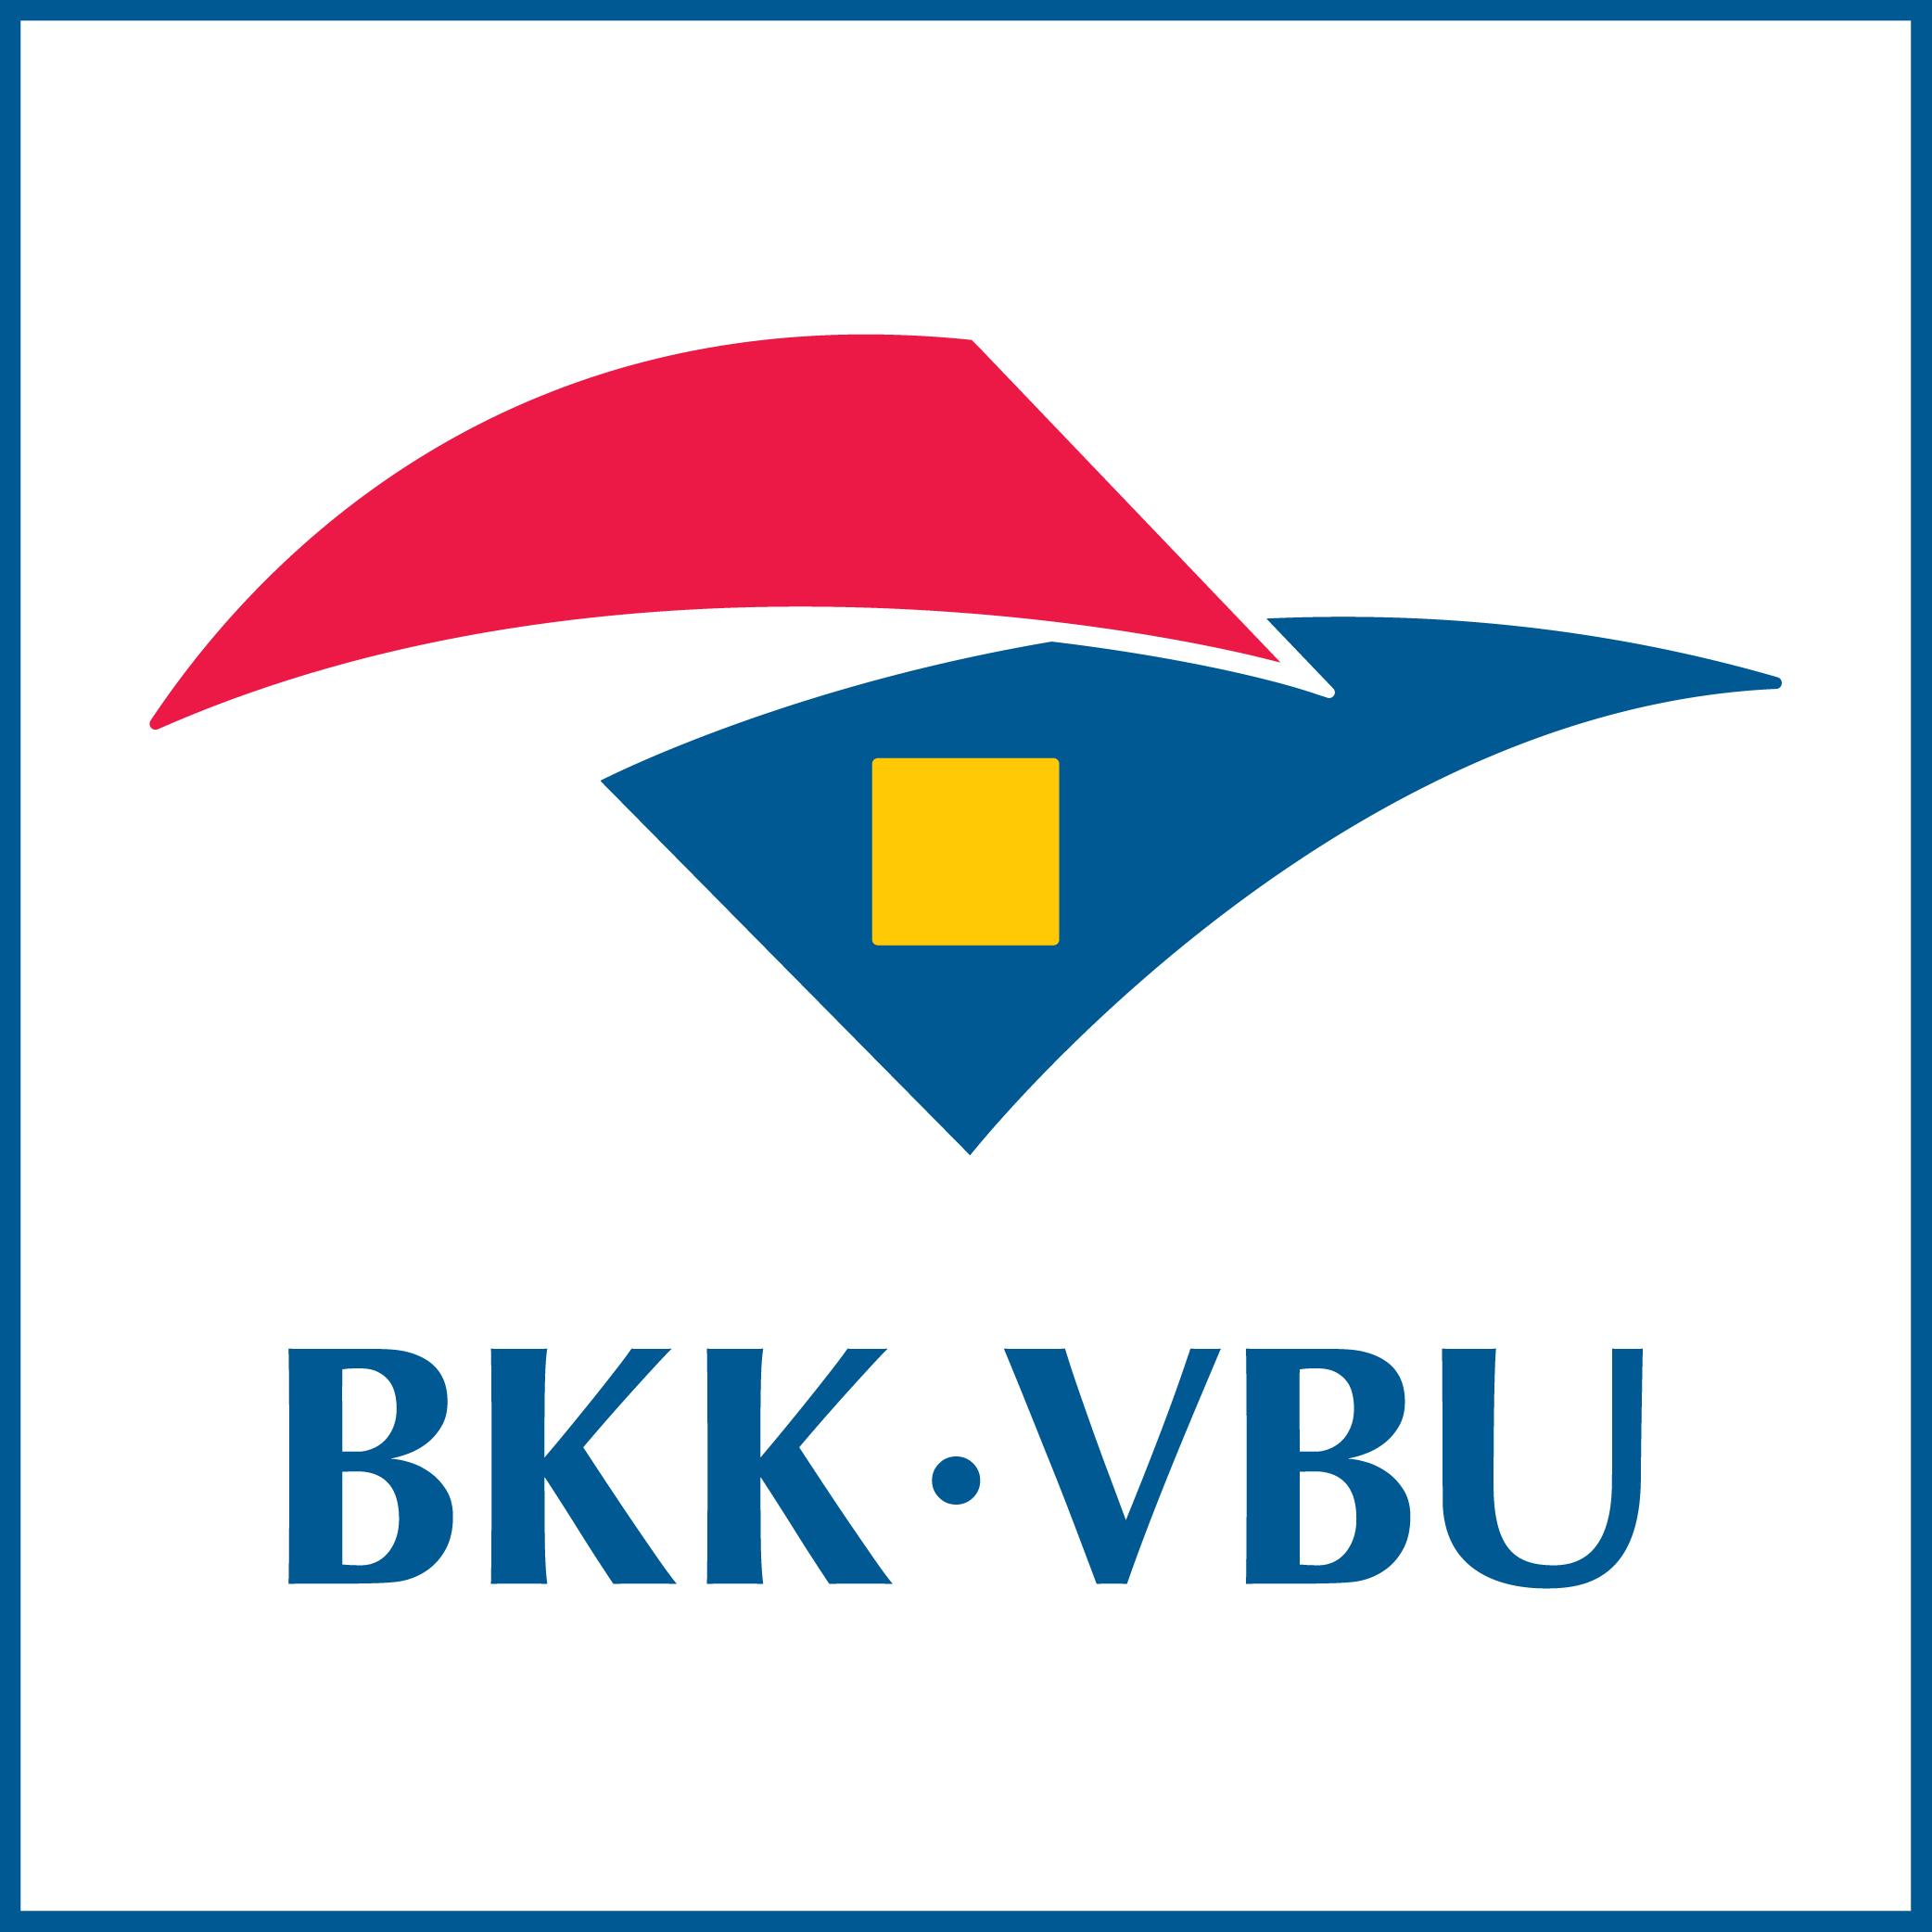 Markenzeichen der TBK (Thüringer BKK)